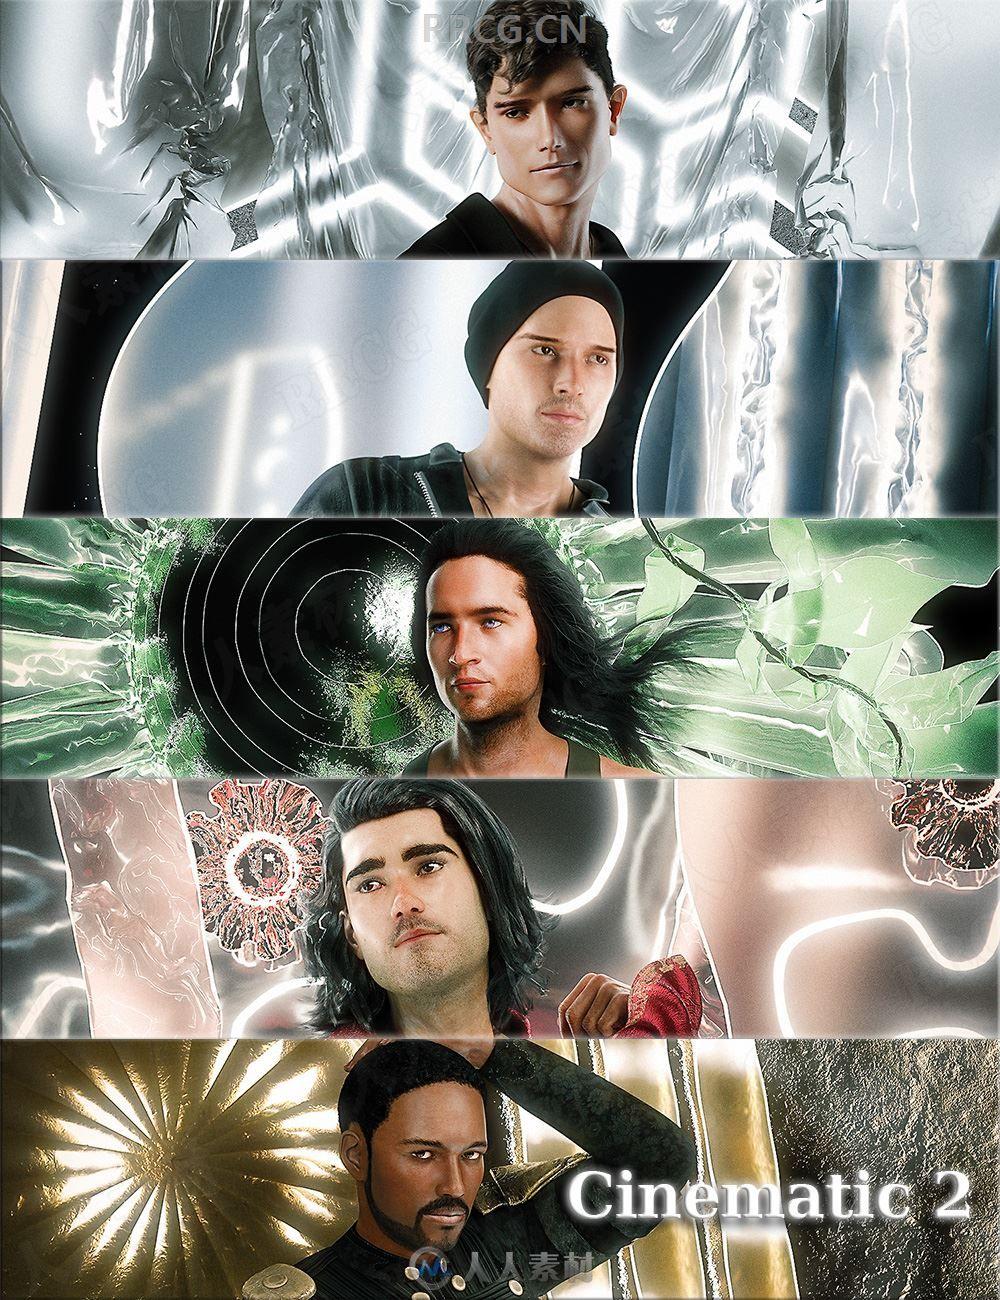 幻想男性角色场景道具3D模型合集